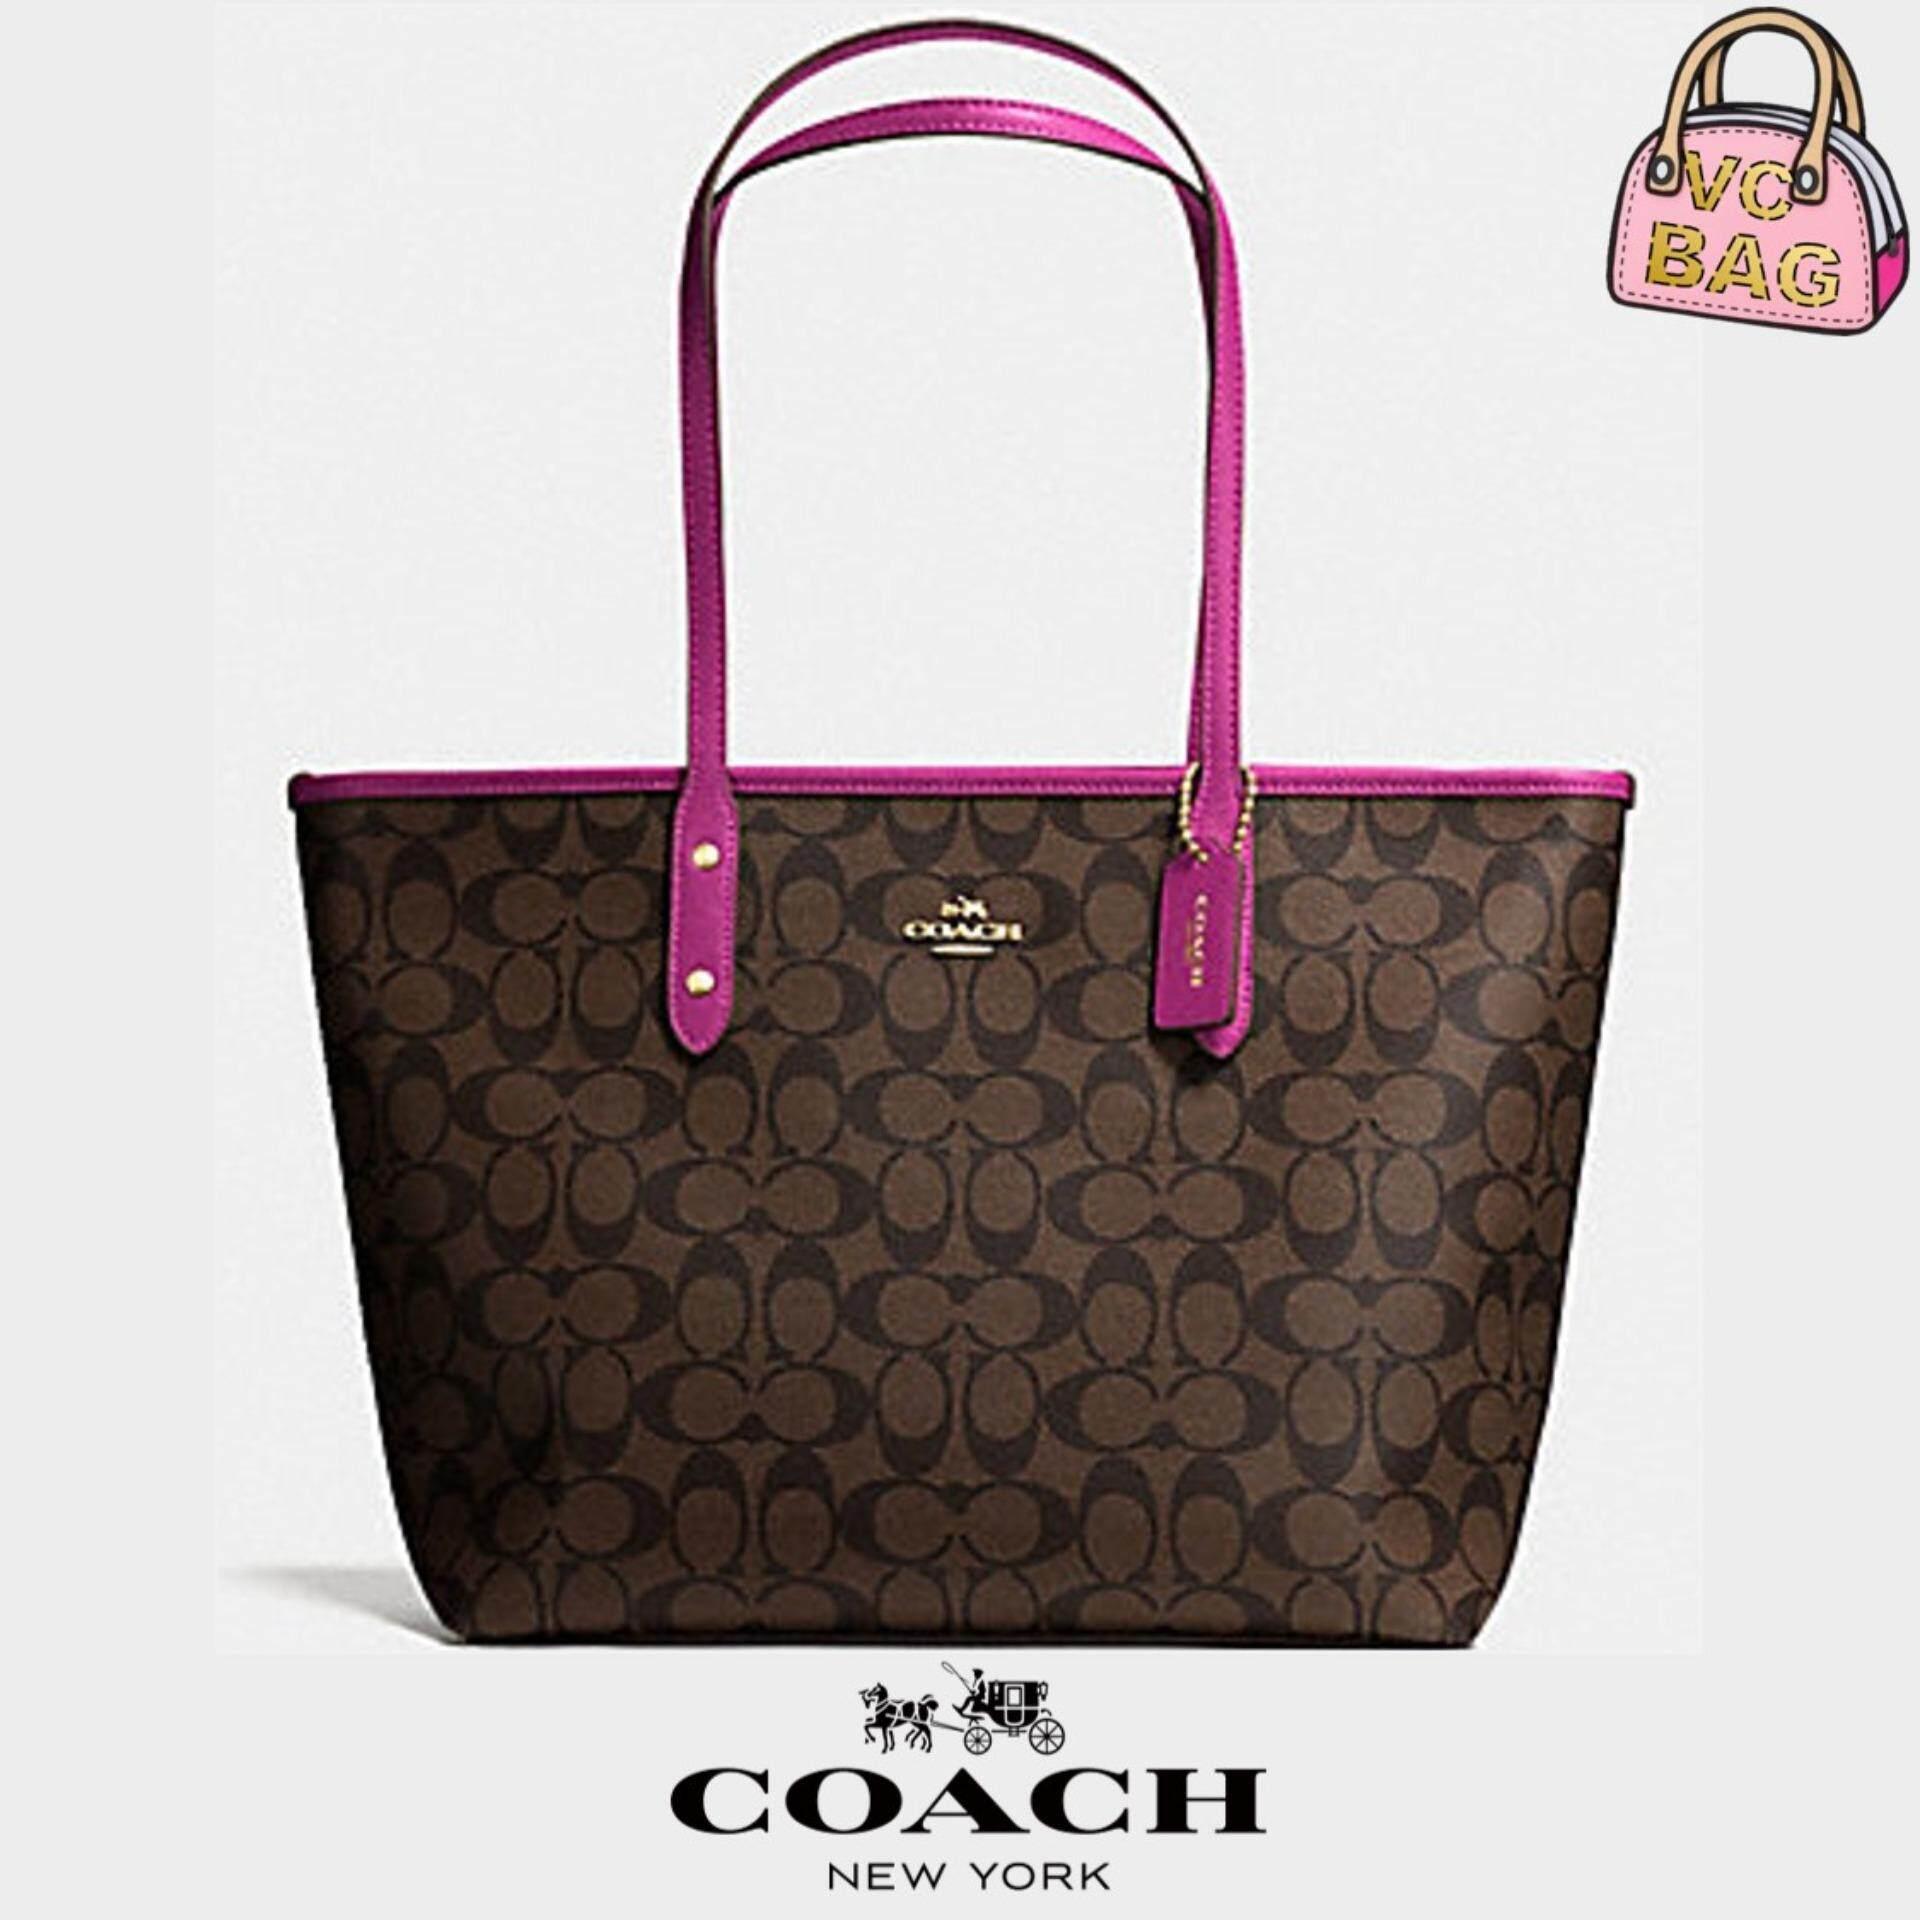 647f463c13 Coach Women Tote Bags price in Malaysia - Best Coach Women Tote Bags ...